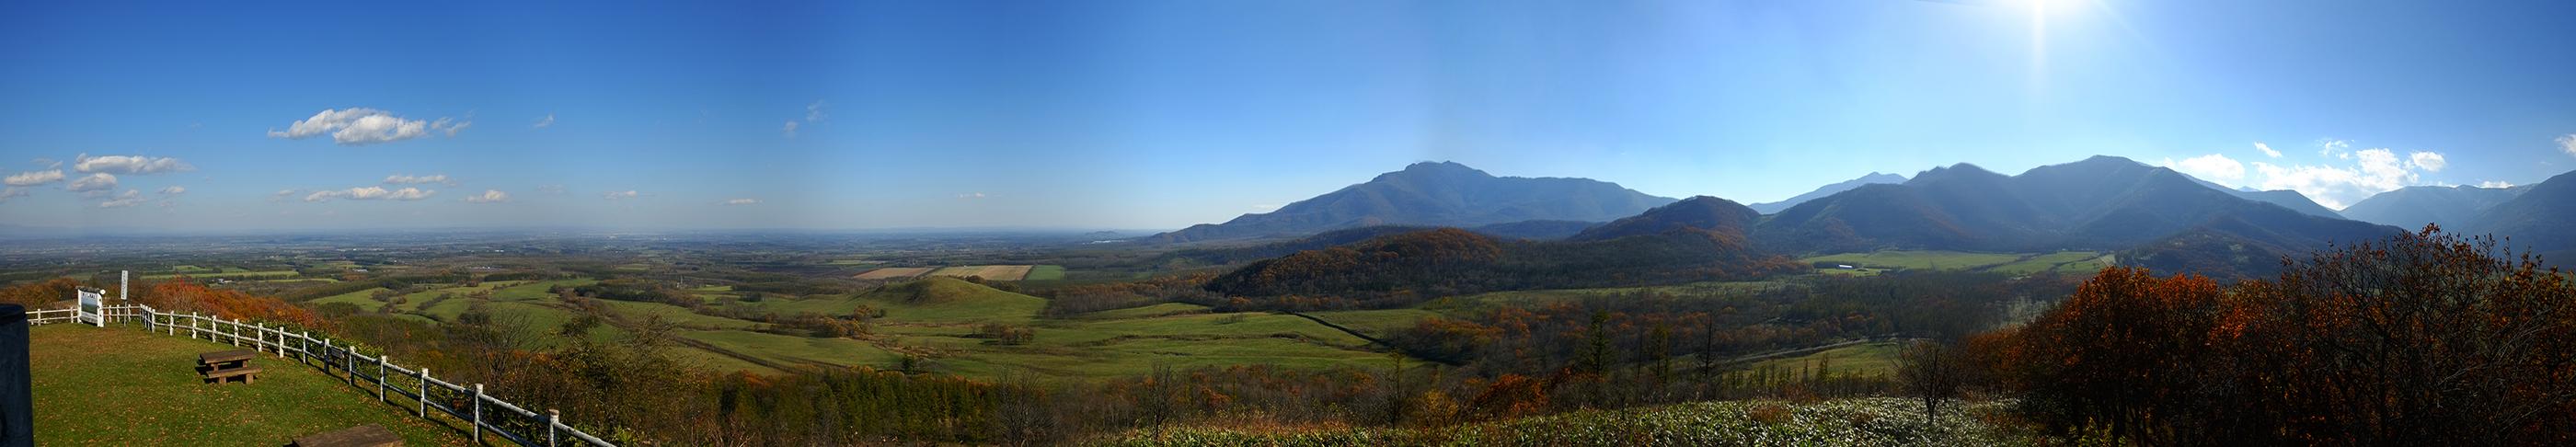 十勝清水町・円山展望台からの日高山脈と十勝平野ビュー